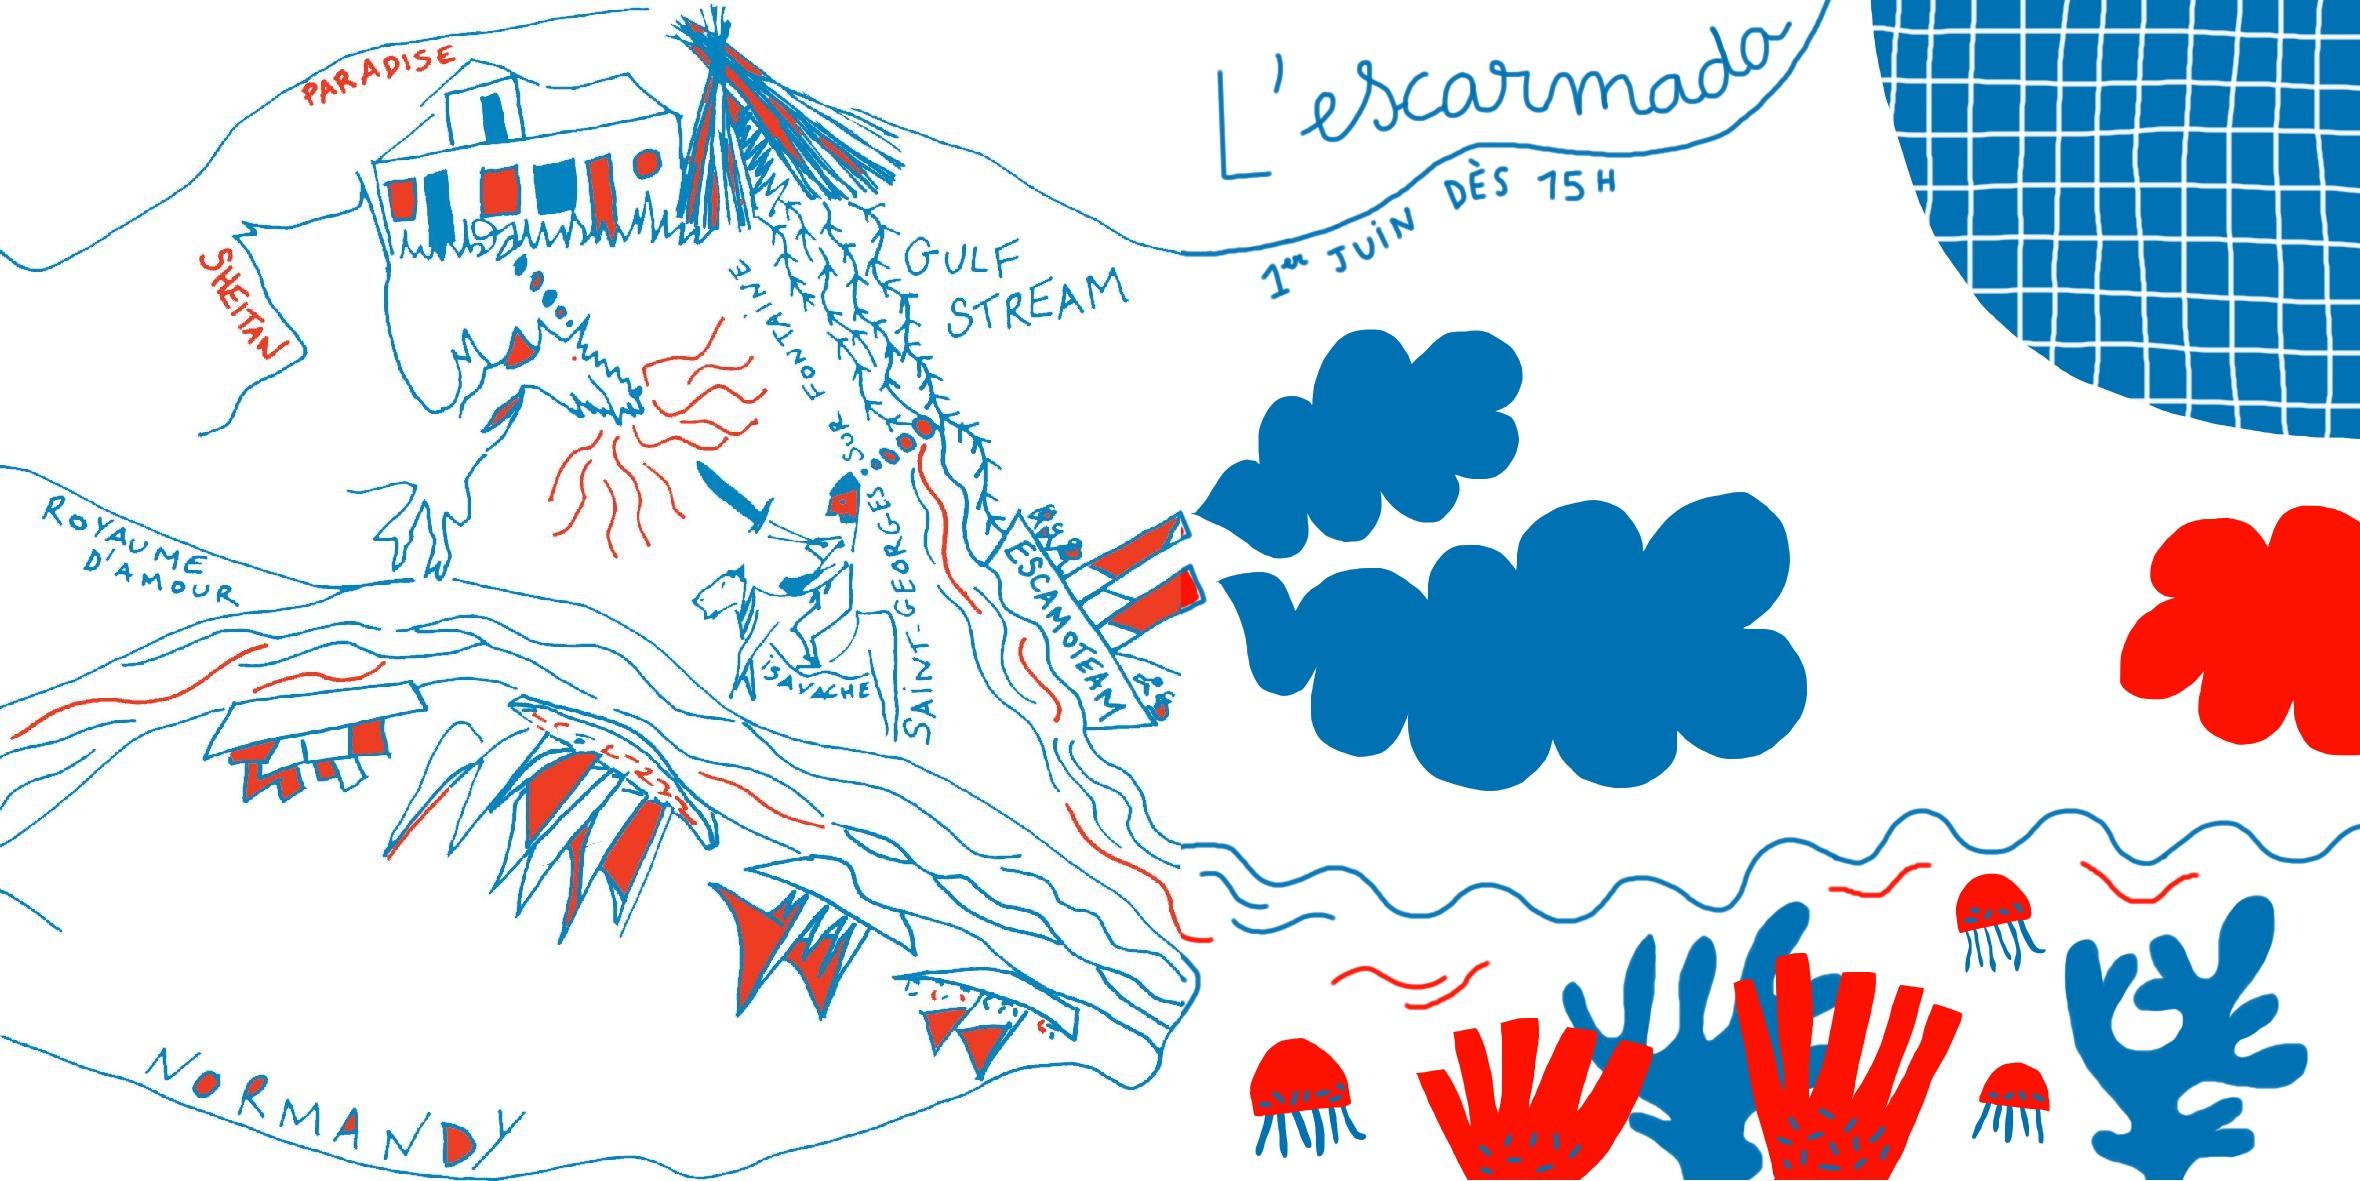 Escarmada #4 Par Julie Savoye & Marion Piauley pour L'Escamoteur